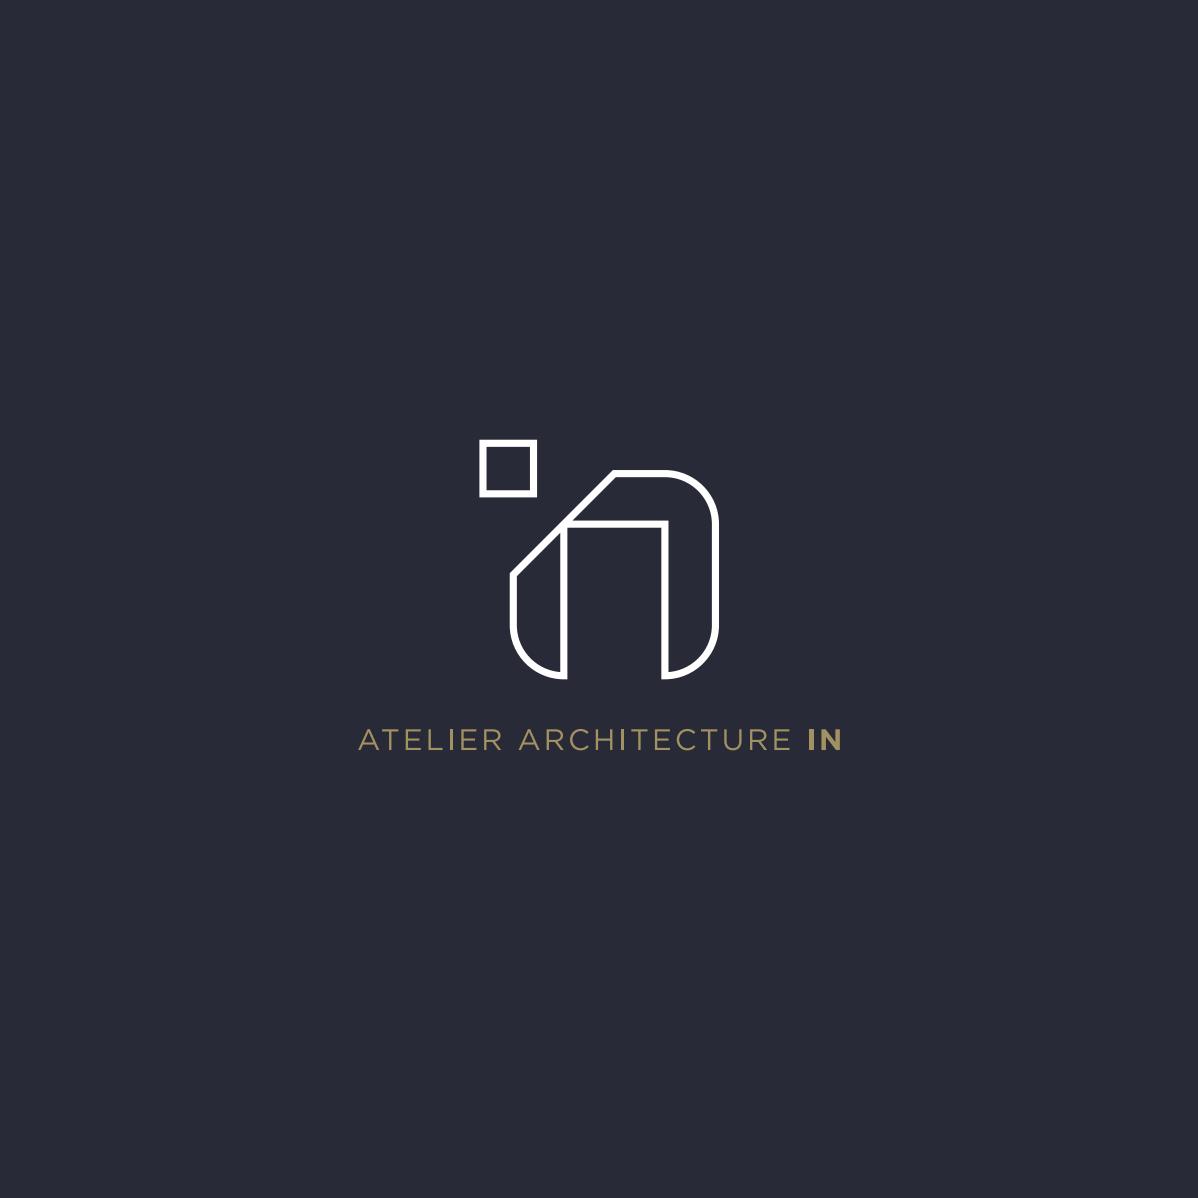 logo d'un atelier d'architecture